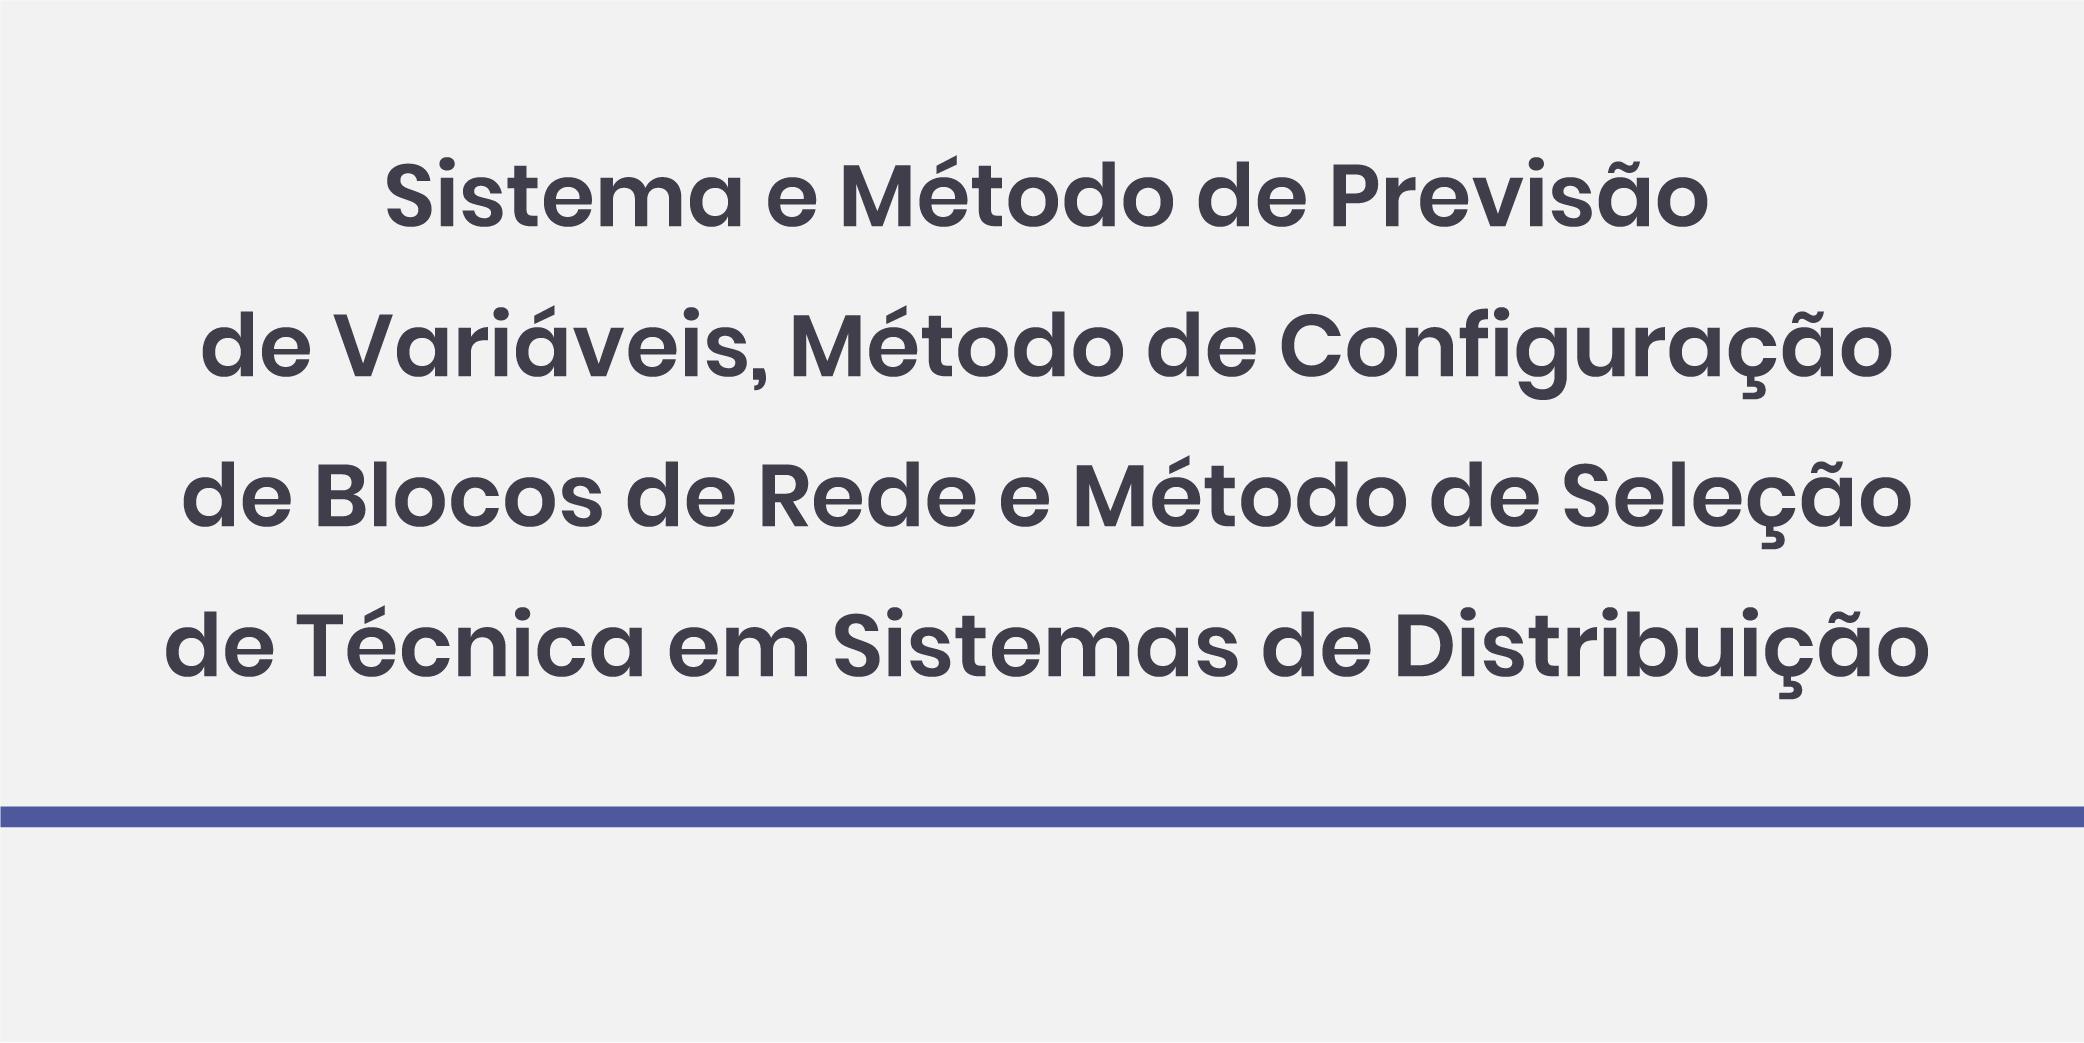 Sistema e Método de Previsão de Variáveis, Método de Configuração de Blocos de Rede e Método de Seleção de Técnica em Sistemas de Distribuição